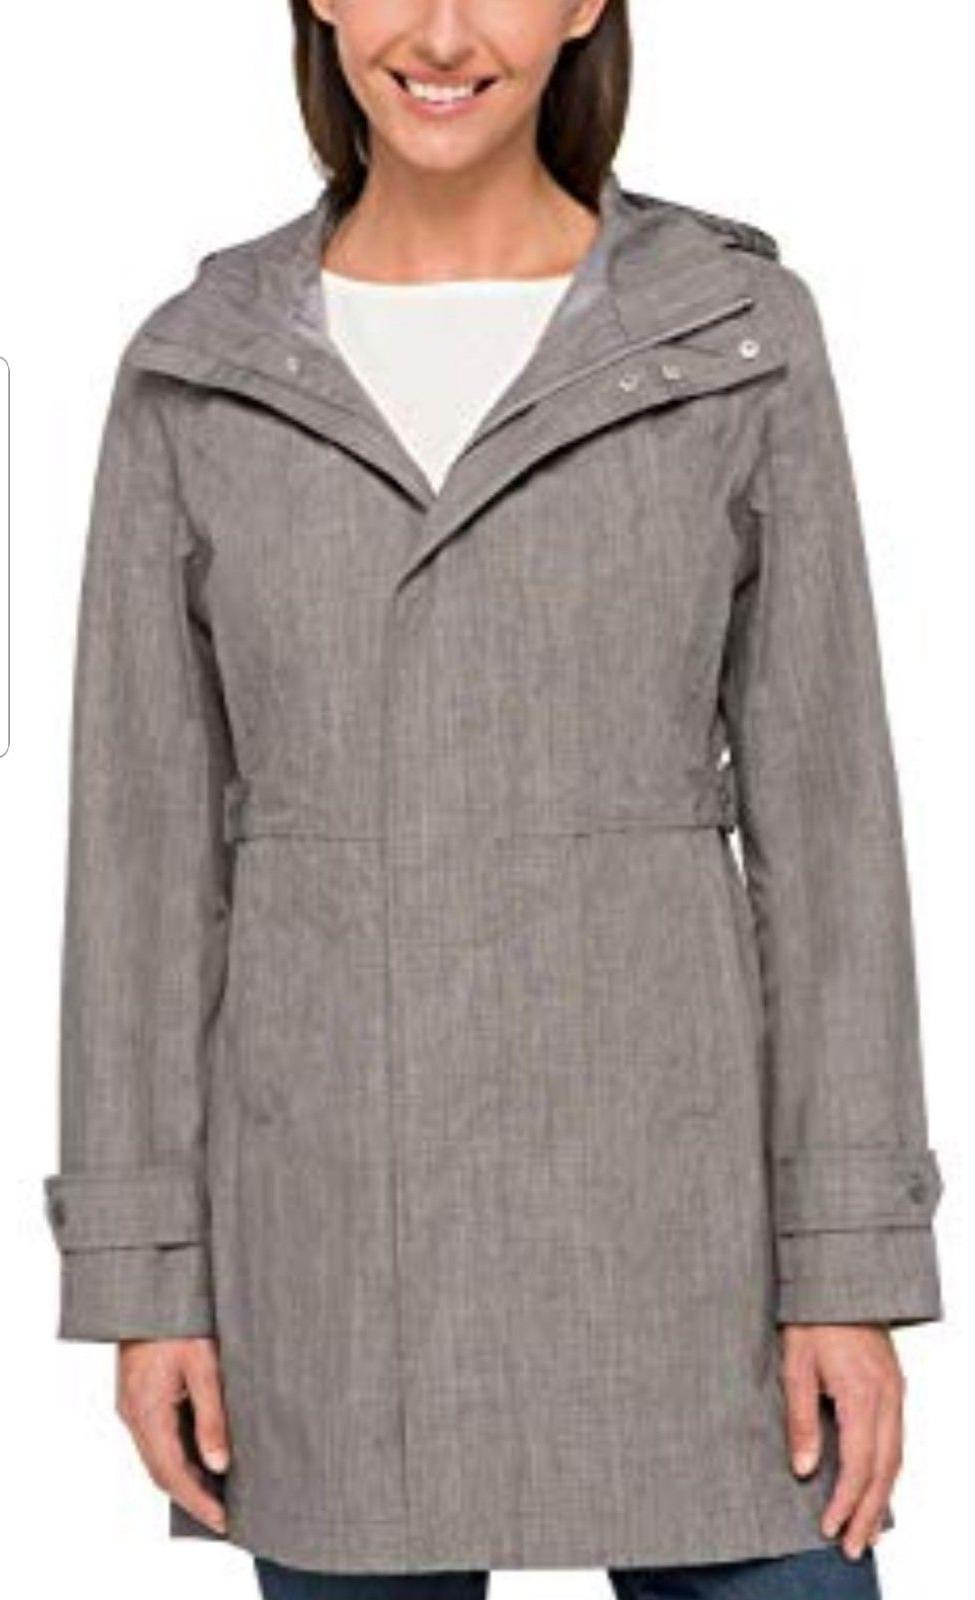 NEW Kirkland Signature Trench Coat Rain Hood COLOR